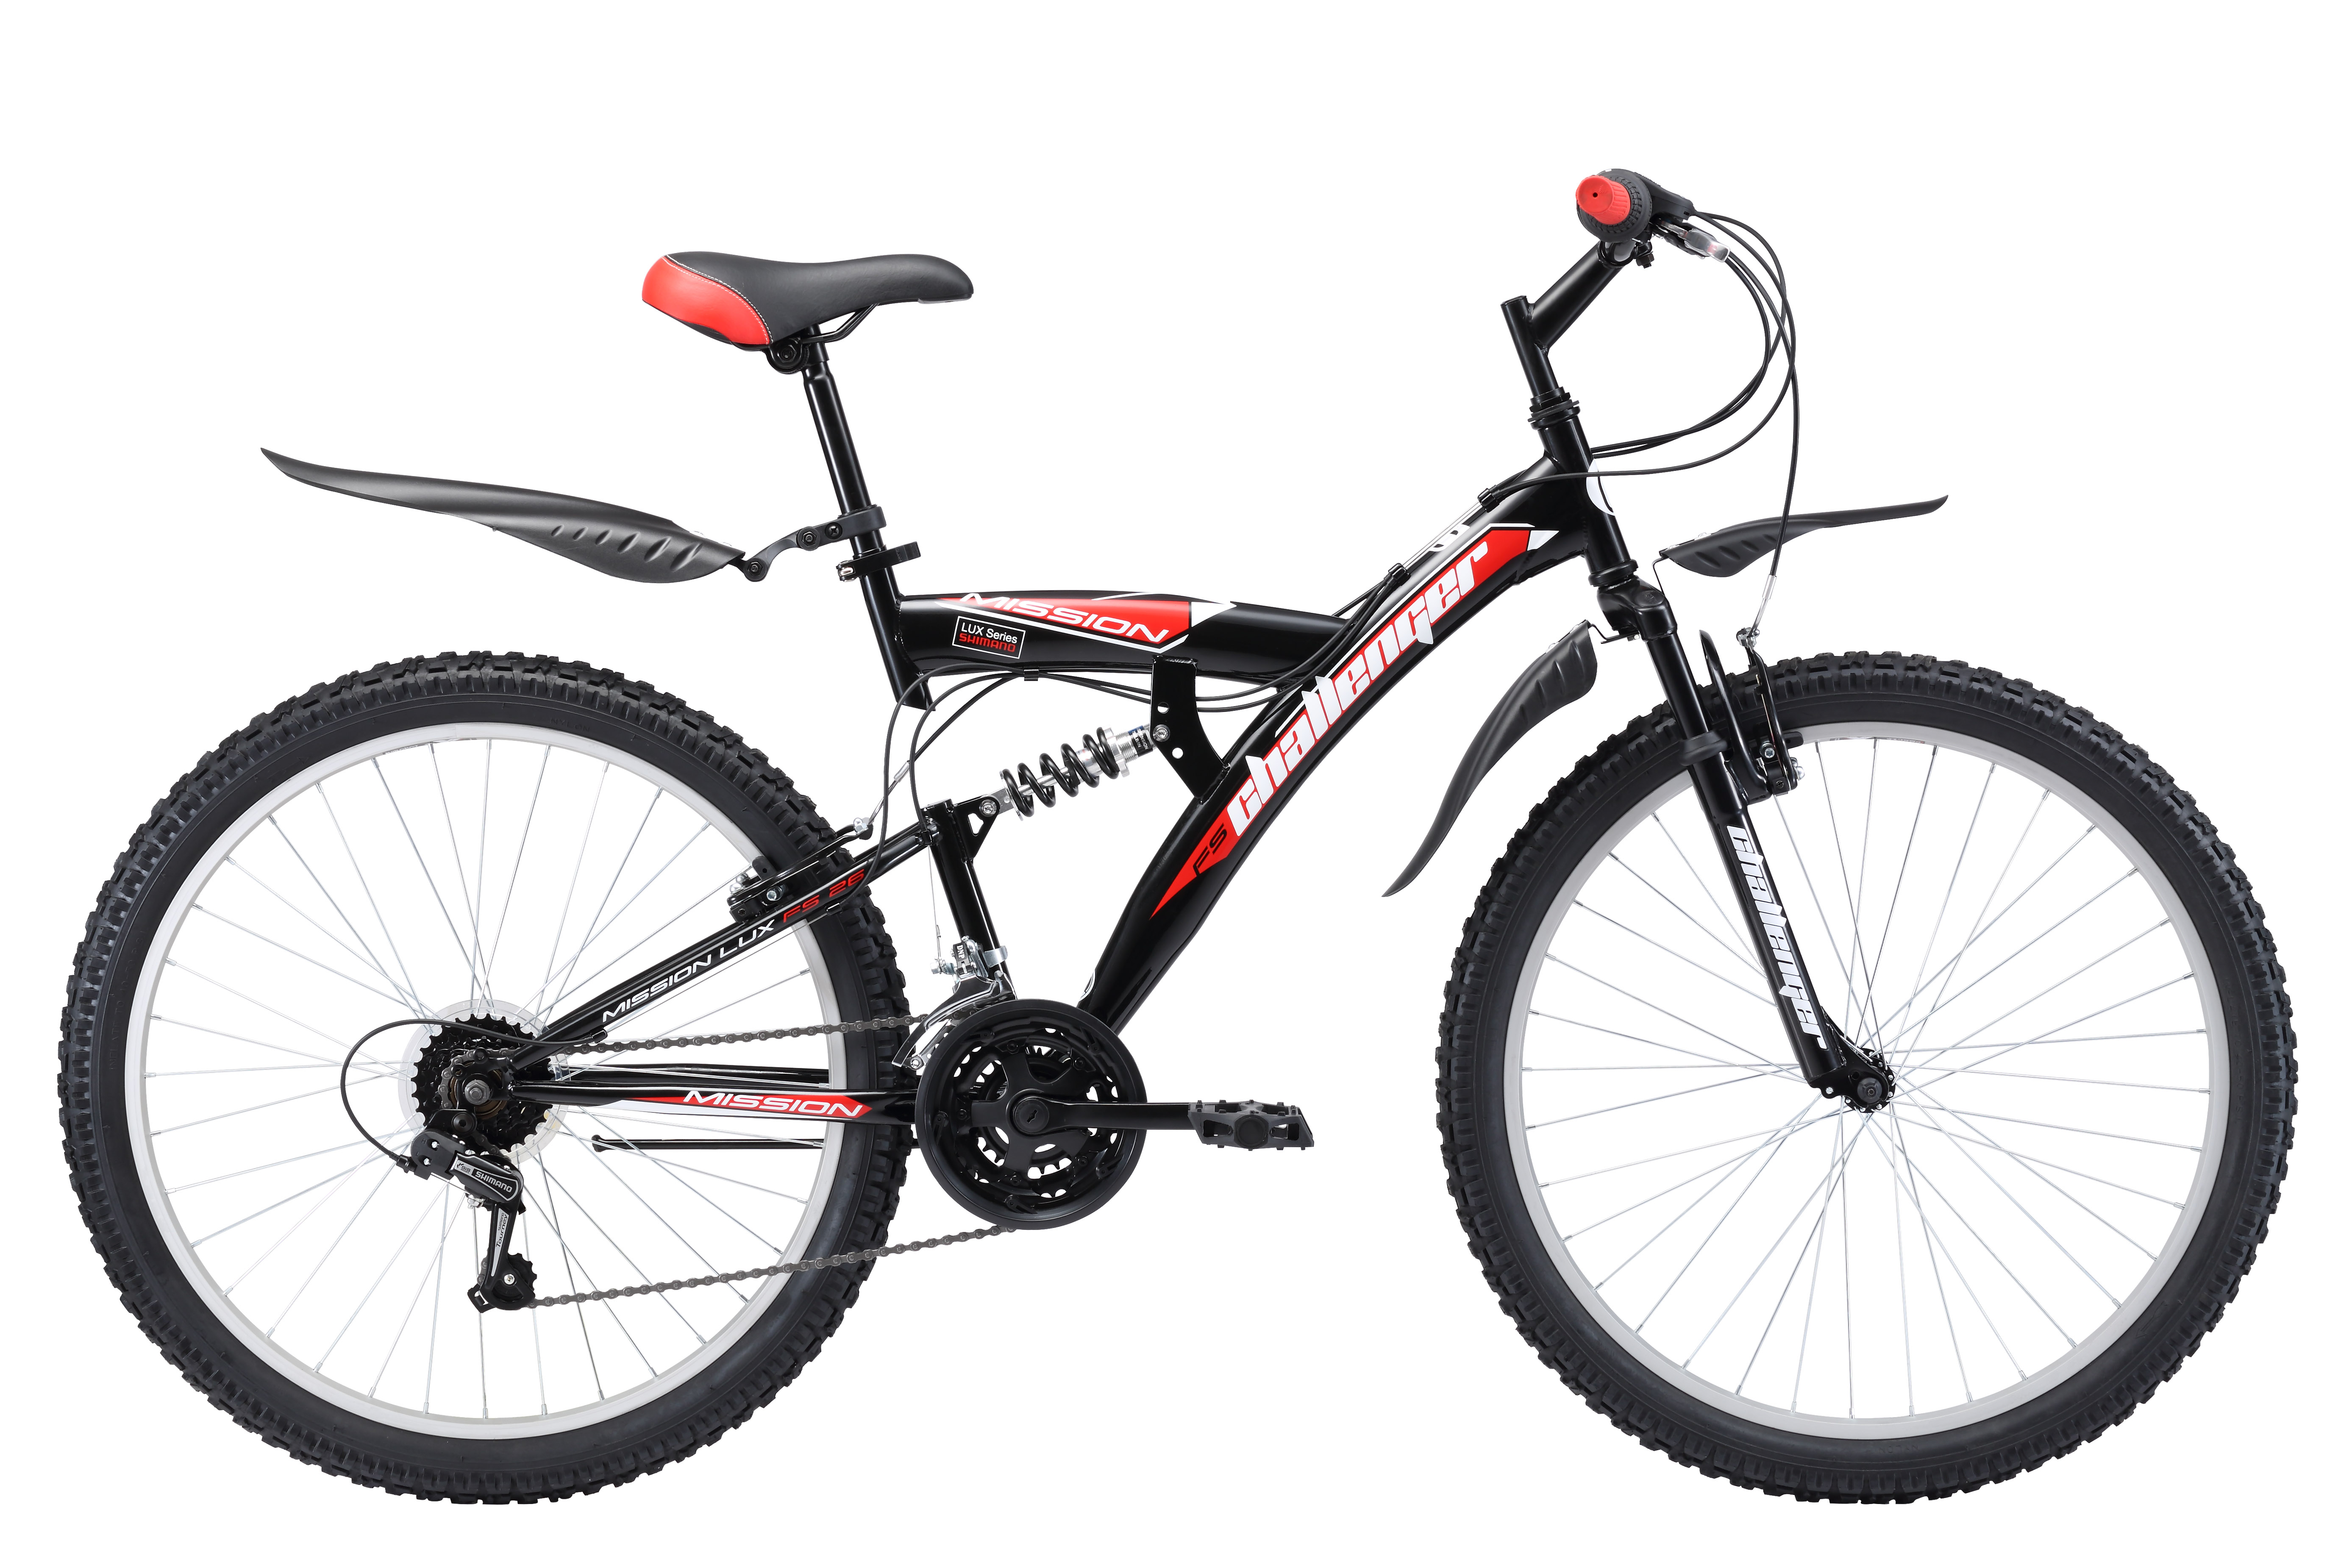 Велосипед Challenger Mission Lux FS 26 (2017) черно-синий 16КОЛЕСА 26 (СТАНДАРТ)<br>Двухподвес Challenger Mission Lux FS 26 предназначен для прогулочного катания и выездов на природу. Велосипед собран на крепкой стальной раме. Передняя и задняя подвеска отрабатывают неровности дороги и делают велопрогулки комфортными. Ободные тормоза эффективны и просты в эксплуатации. Двухподвес имеет 18 передач, выбор которых легко выполняется переключателями RevoShift и задним переключателем Shimano. Велосипед Challenger Mission Lux FS 26 оборудован крыльями и подножкой.<br><br>бренд: CHALLENGER<br>год: 2017<br>рама: Сталь (Hi-Ten)<br>вилка: Амортизационная (пружина)<br>блокировка амортизатора: Нет<br>диаметр колес: 26<br>тормоза: Ободные (V-brake)<br>уровень оборудования: Начальный<br>количество скоростей: 18<br>Цвет: черно-синий<br>Размер: 16